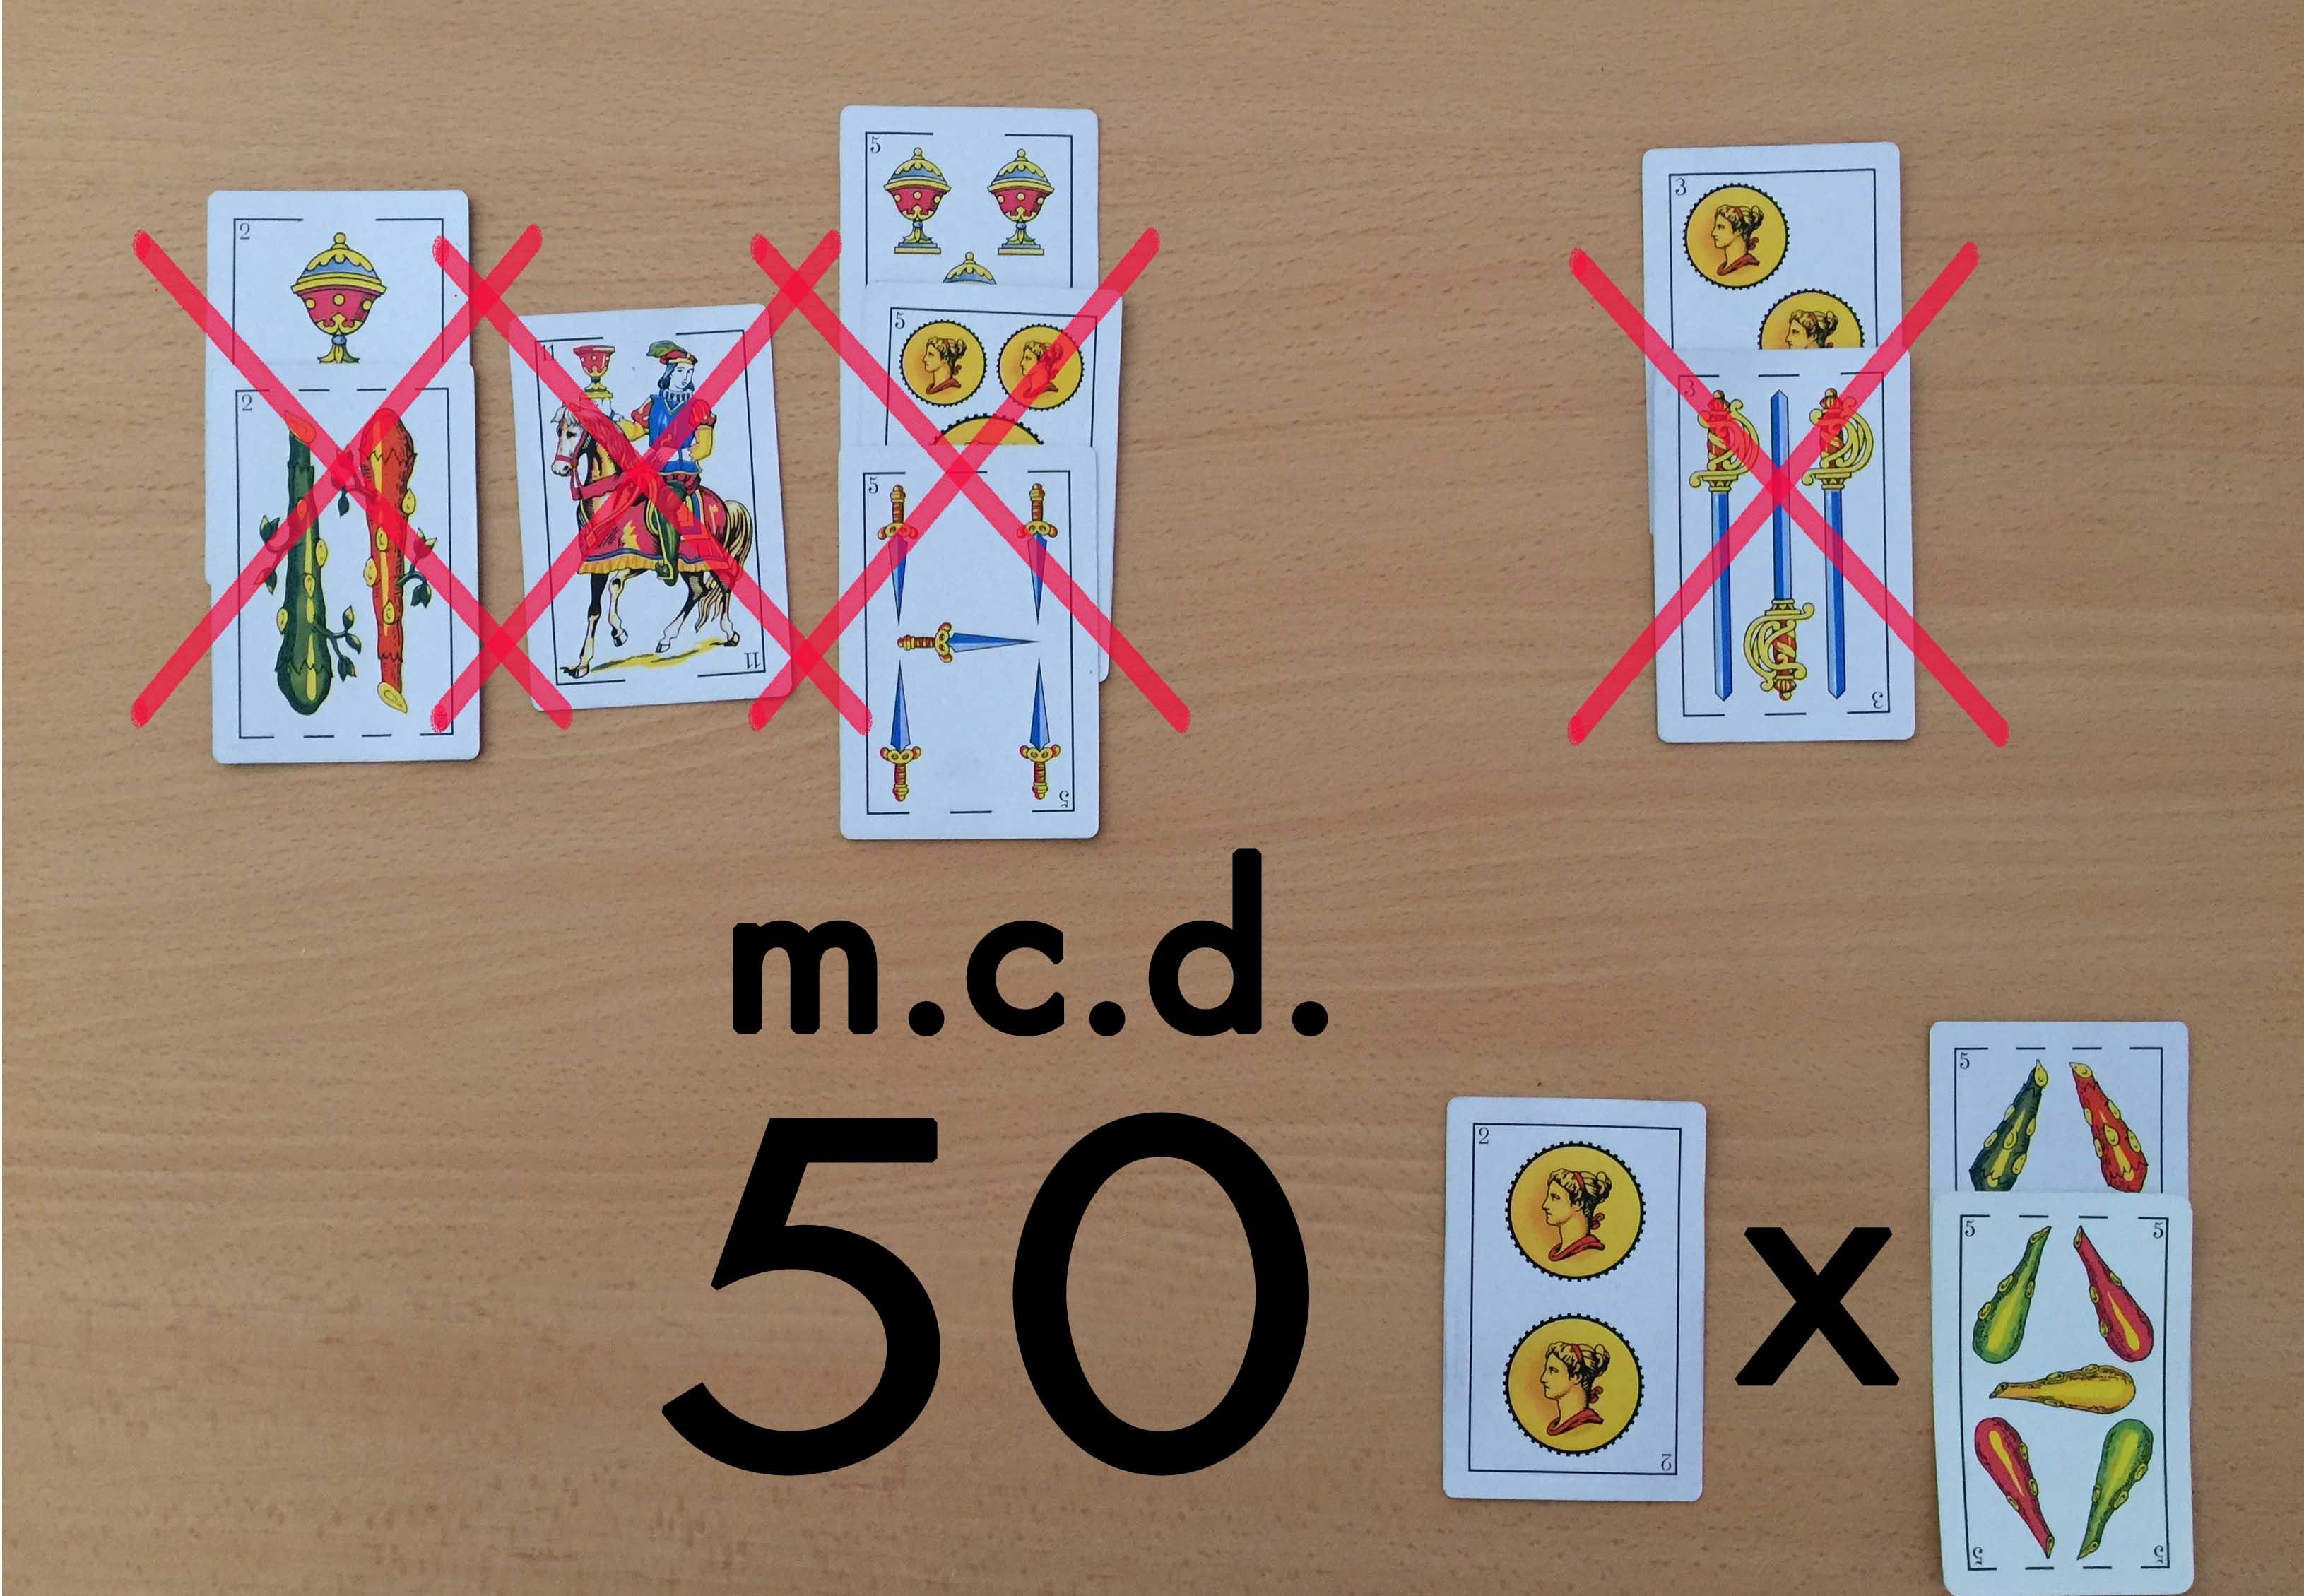 mcd-06